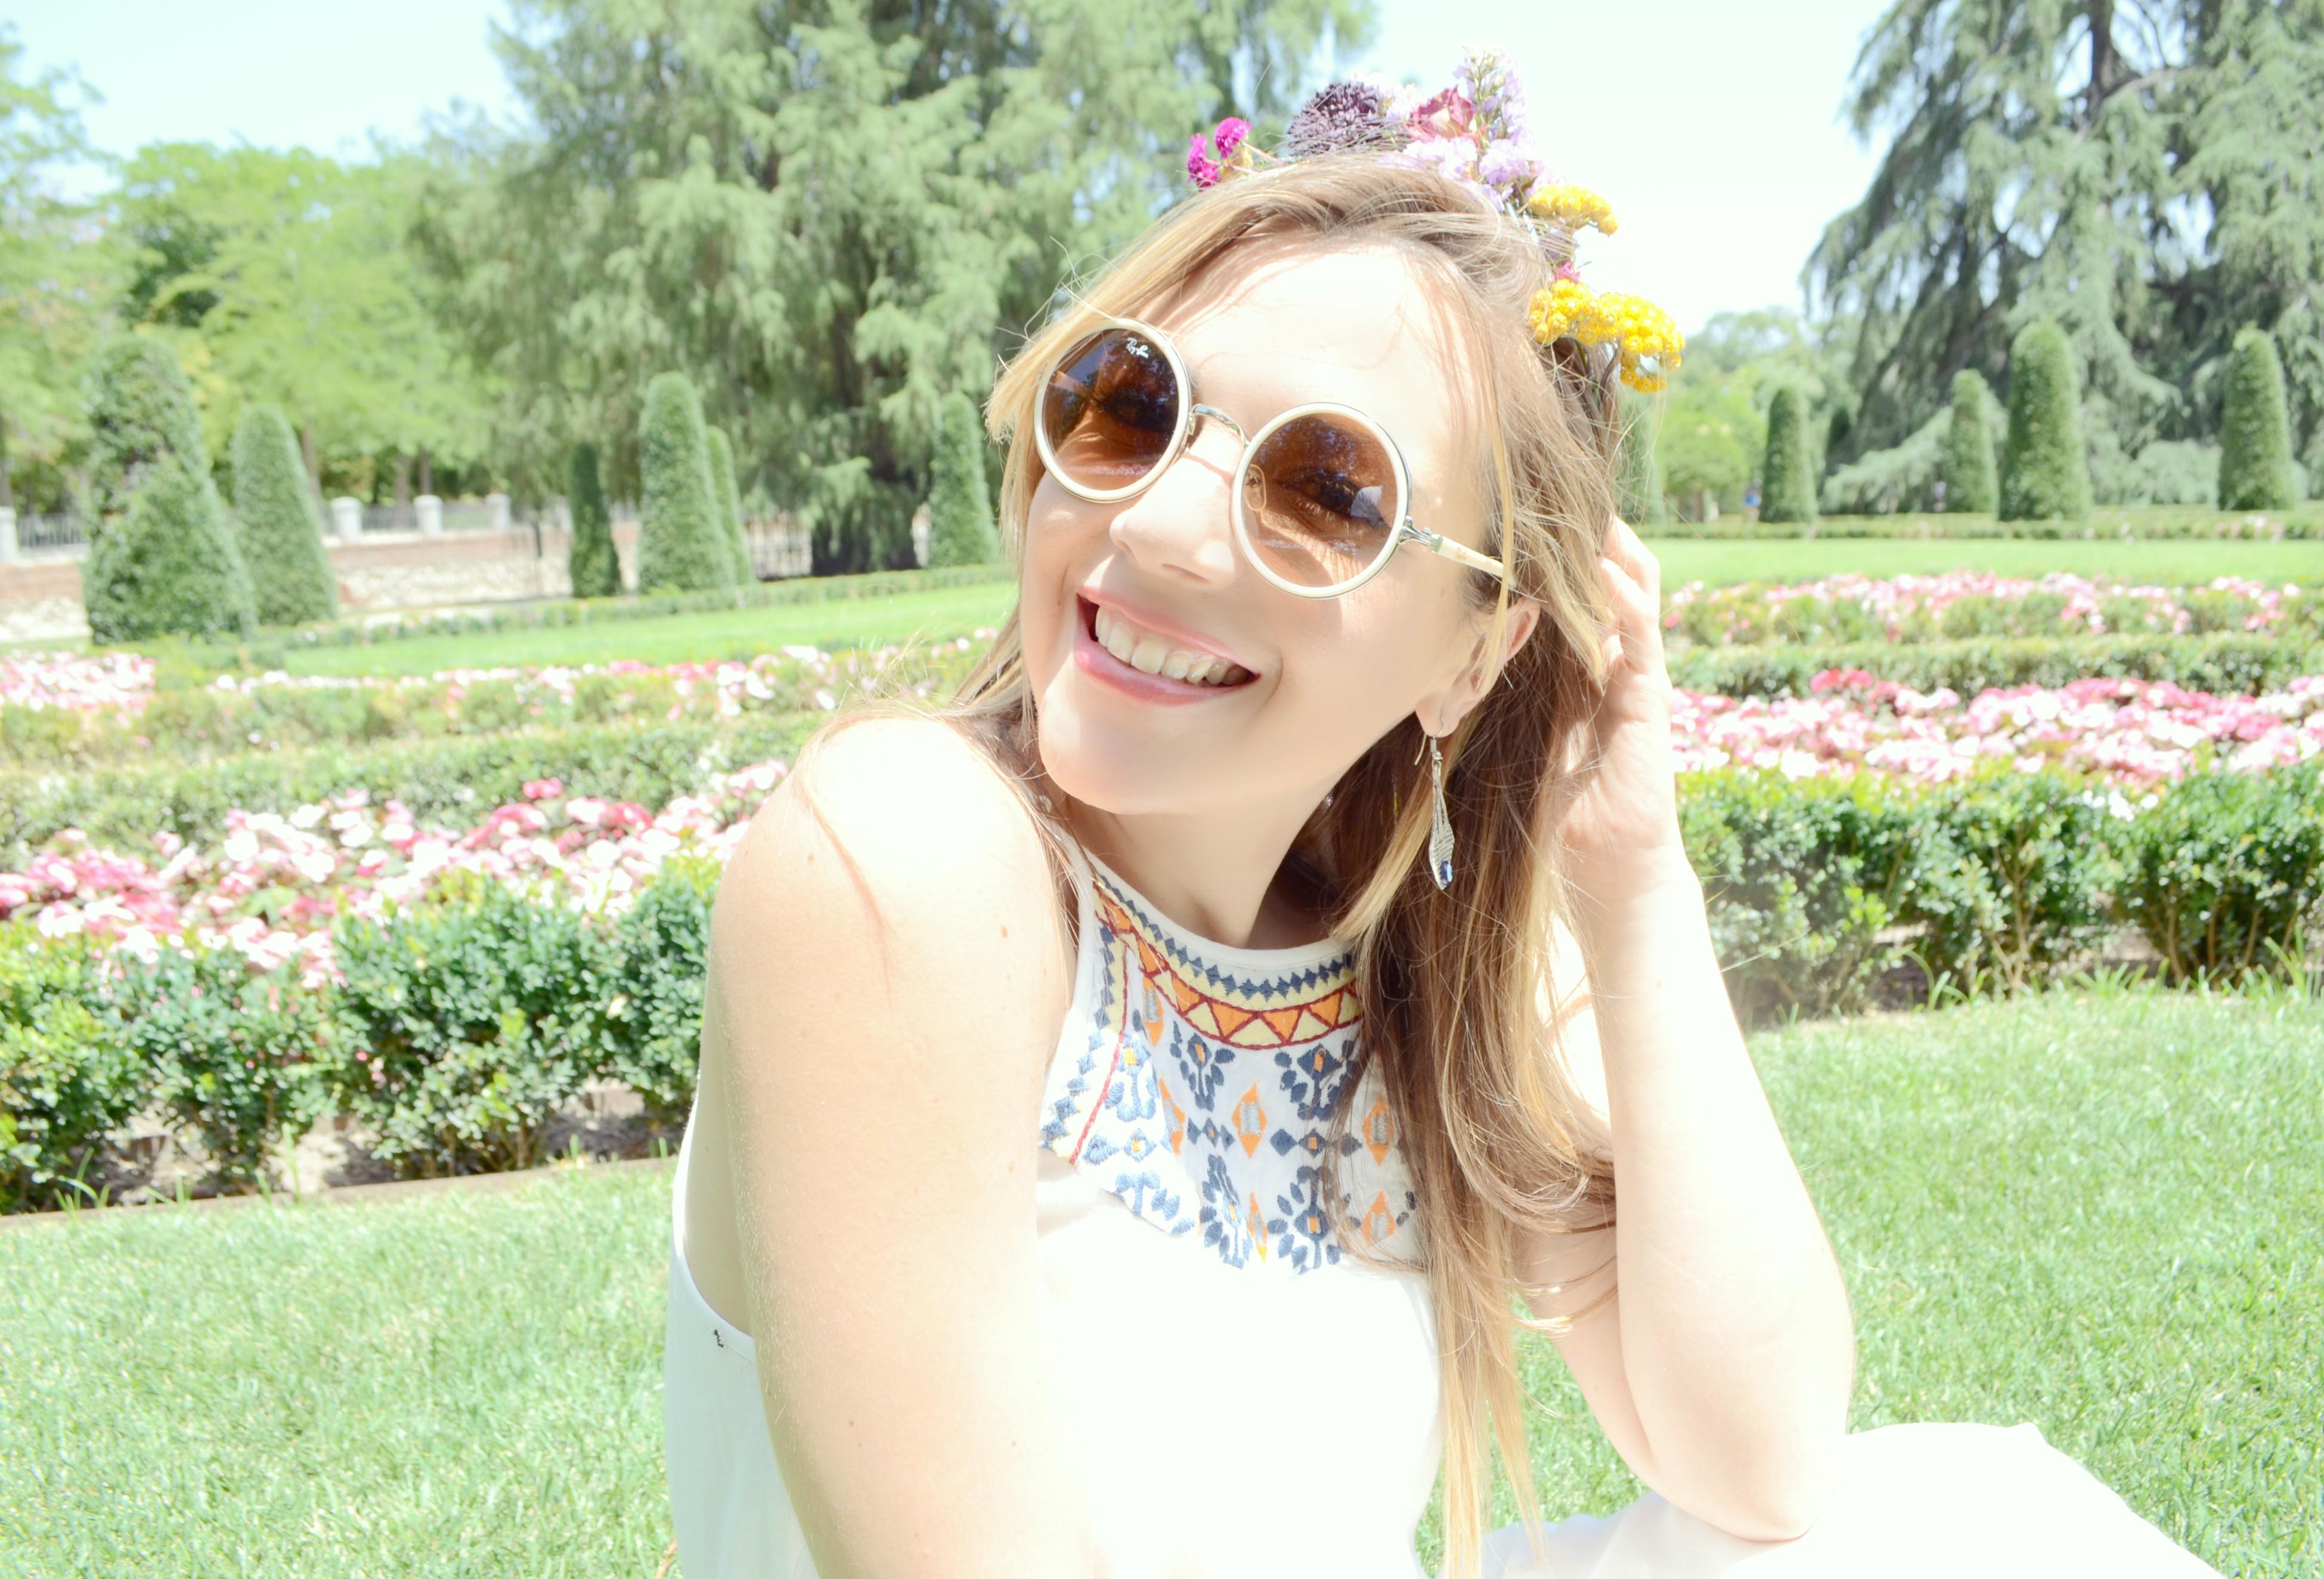 Fashionista-ChicAdicta-vestidos-surkana-Chic-Adicta-hippie-look-corona-de-flores-summer-sunglasses-estampado-etnico-PiensaenChic-Piensa-en-Chic